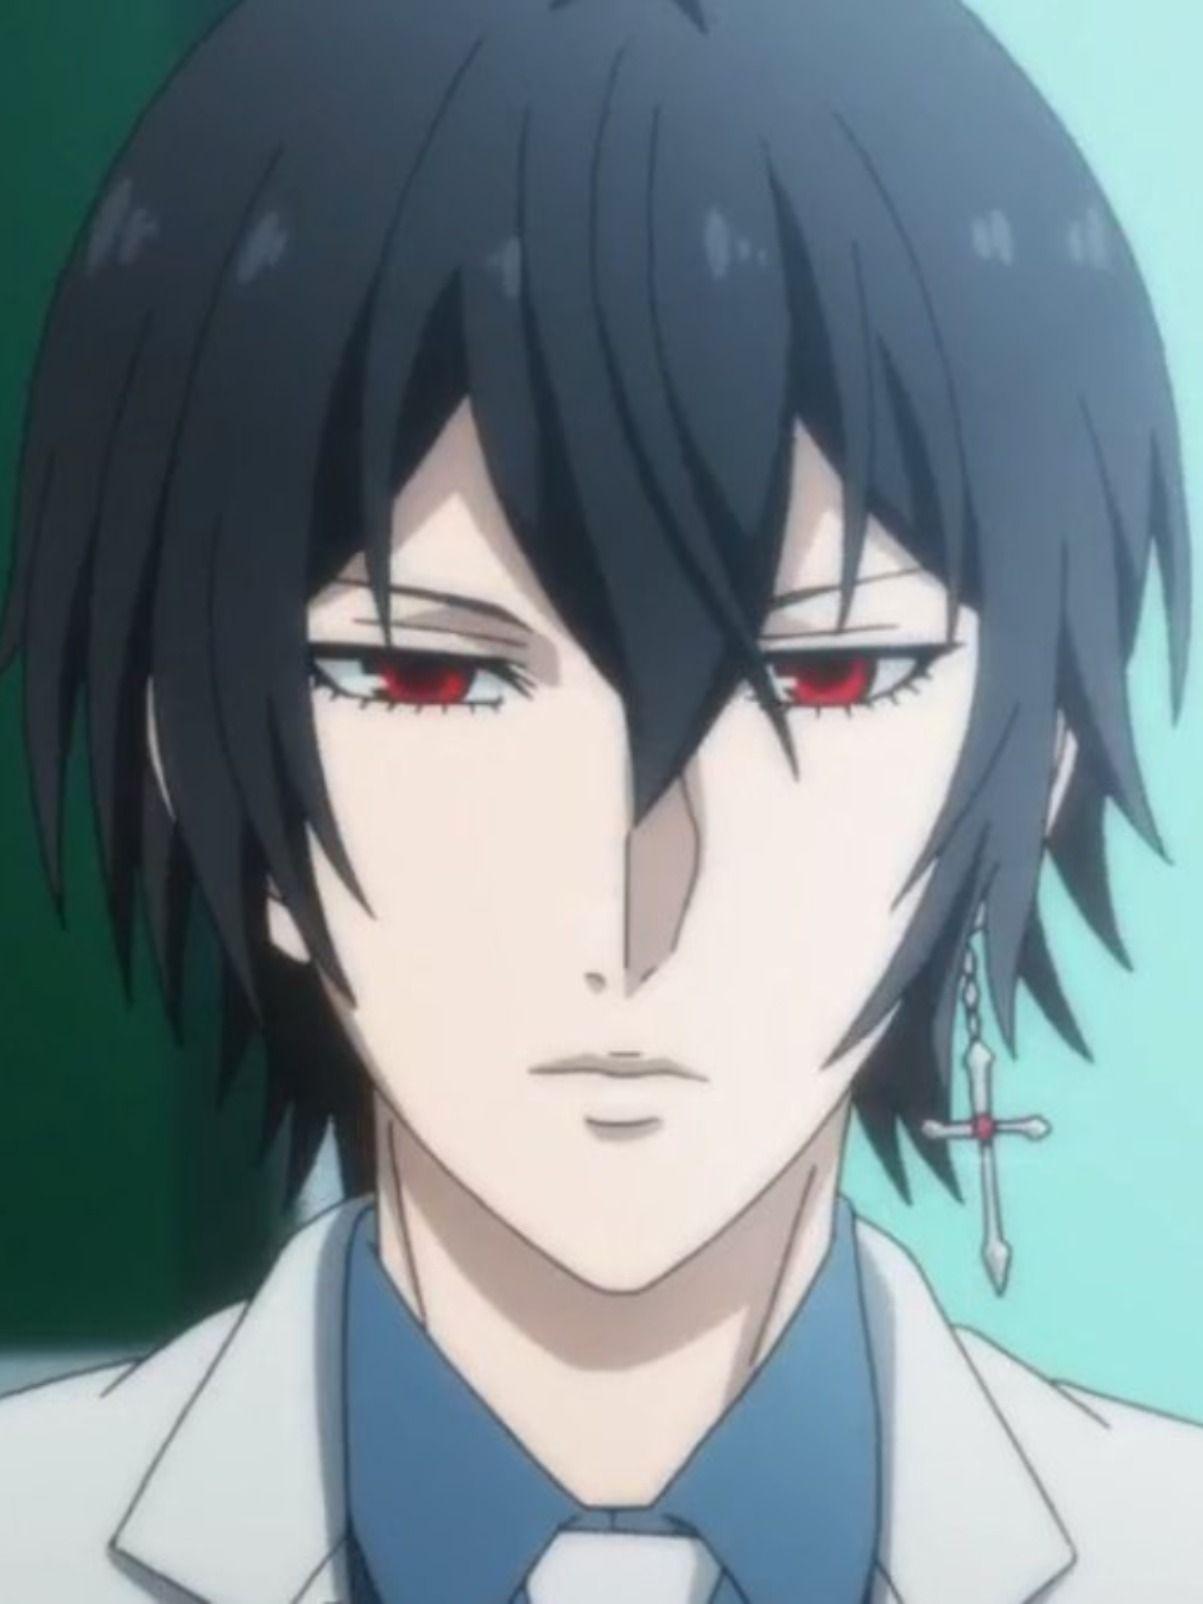 Noblesse Anime Episode 3 Sub Indo : noblesse, anime, episode, Download, Anime, Noblesse, Episode